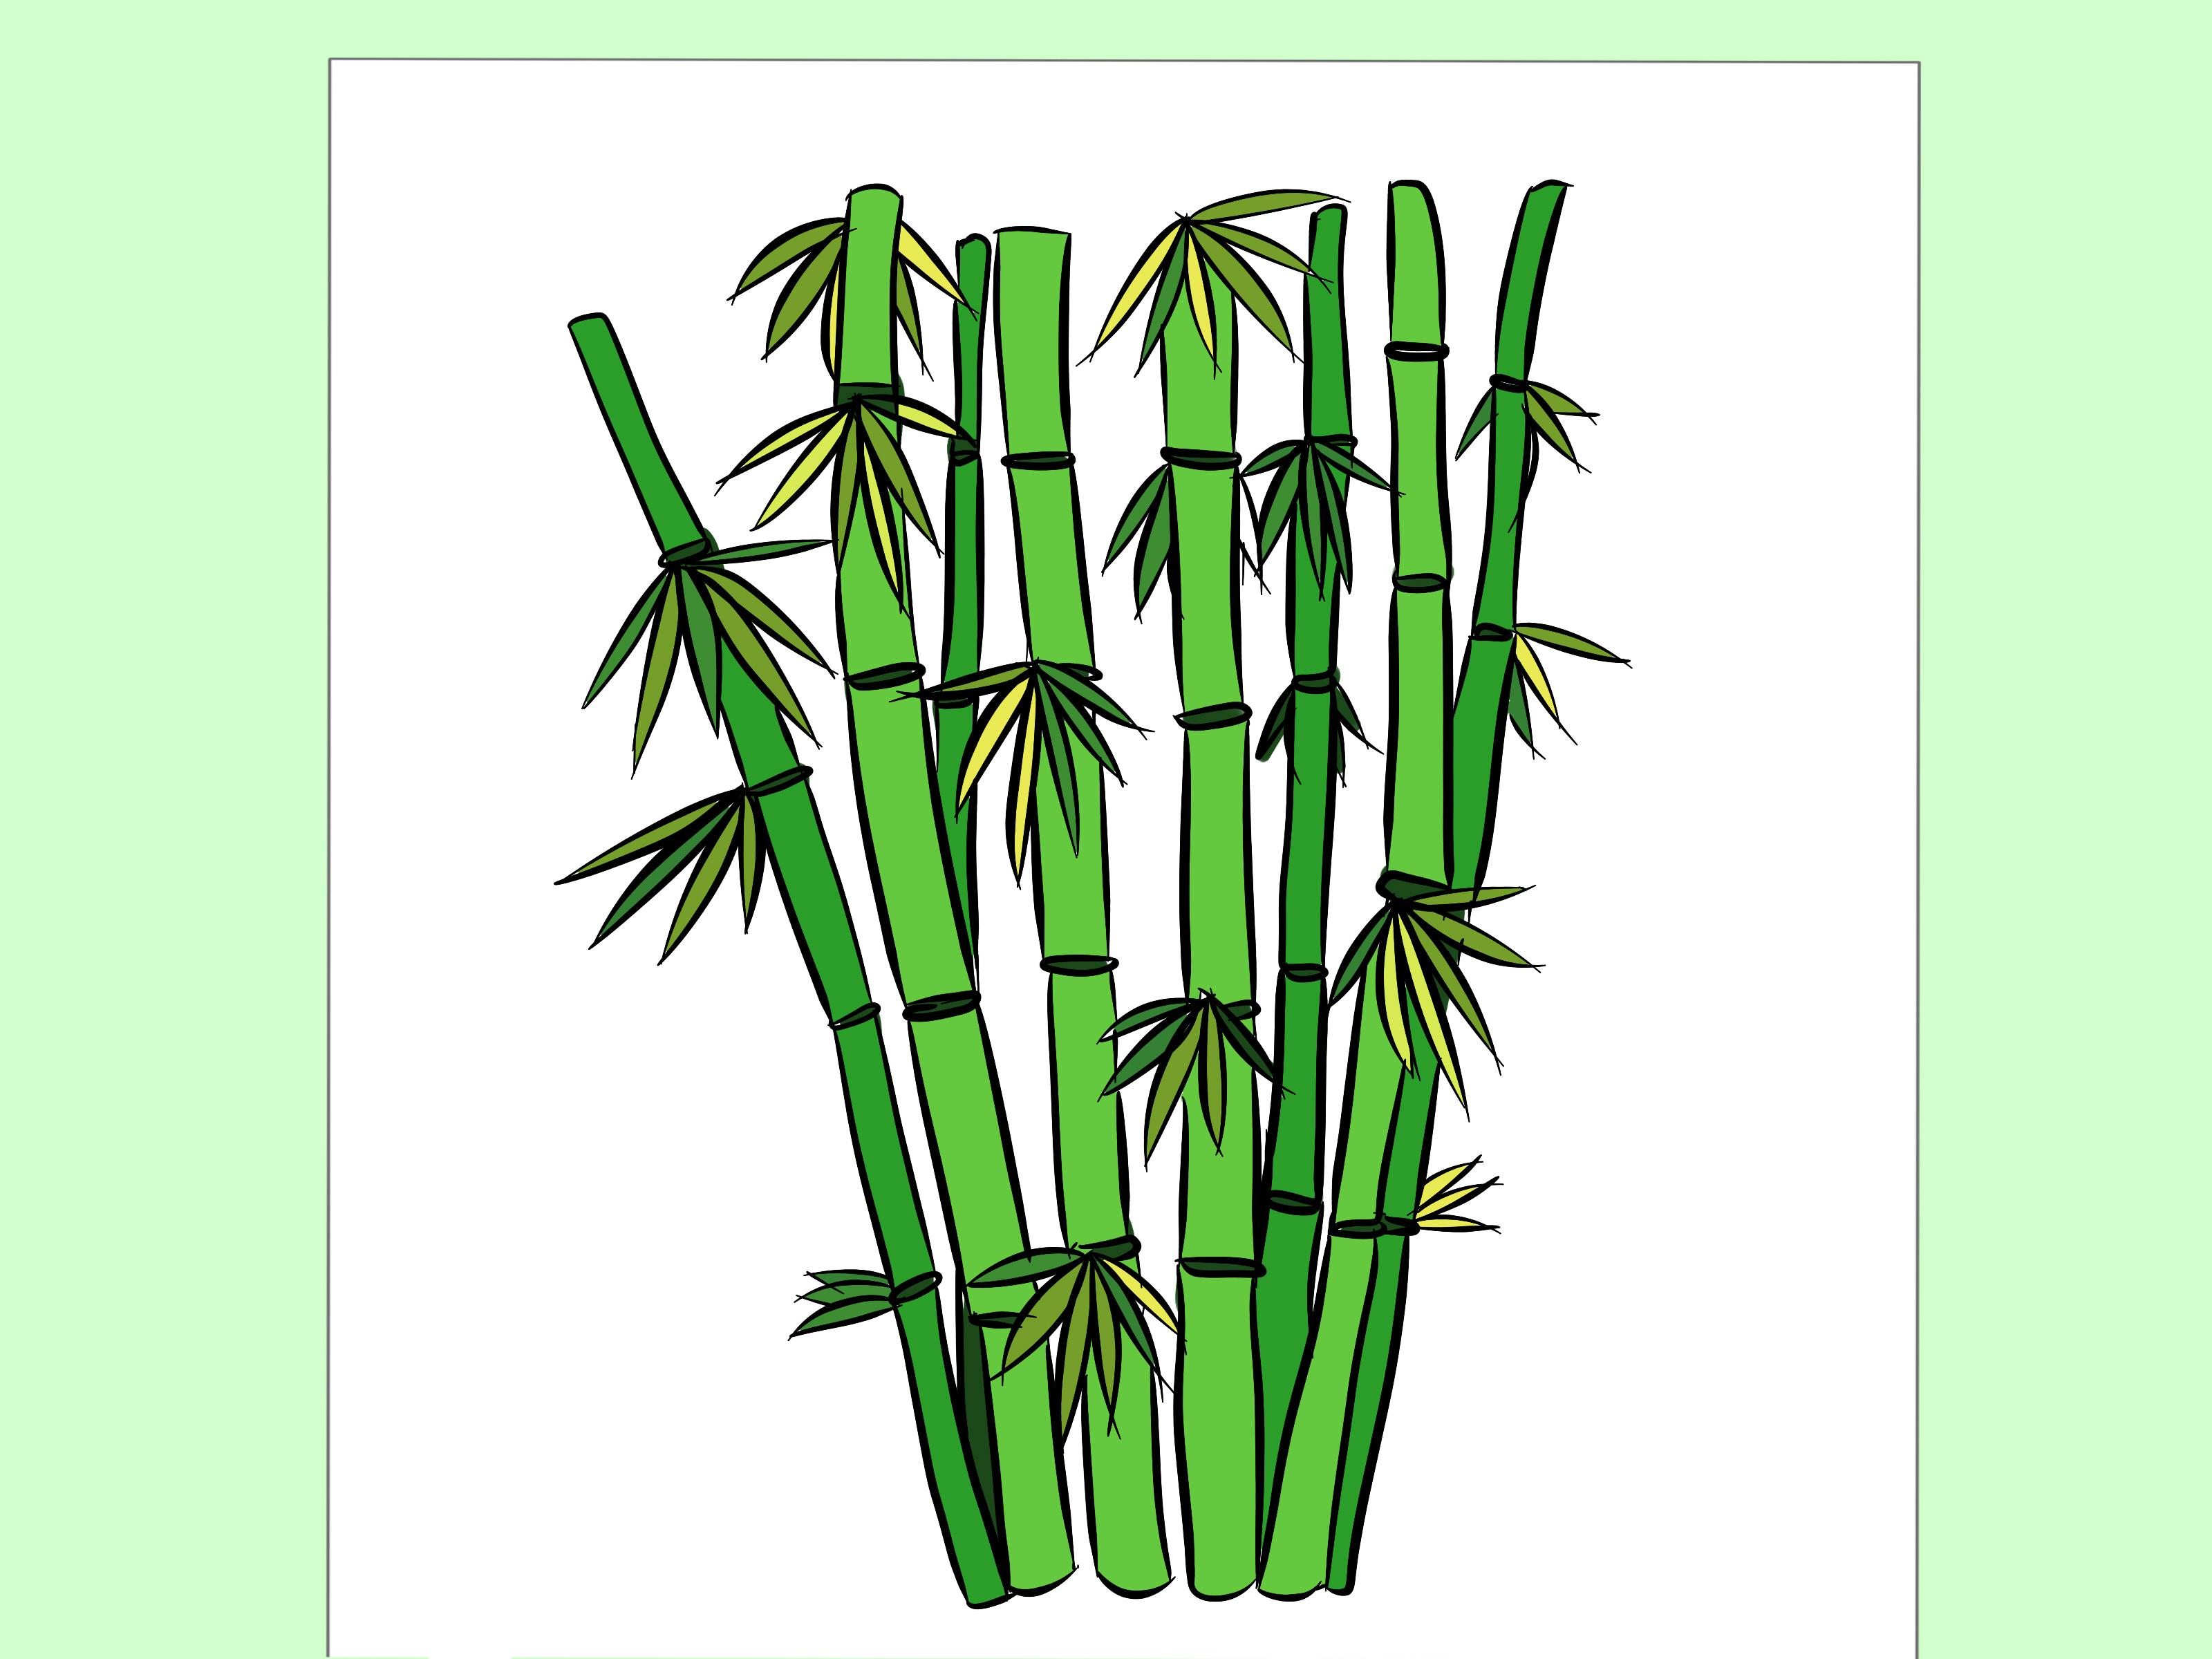 3200x2400 Drawn Bamboo